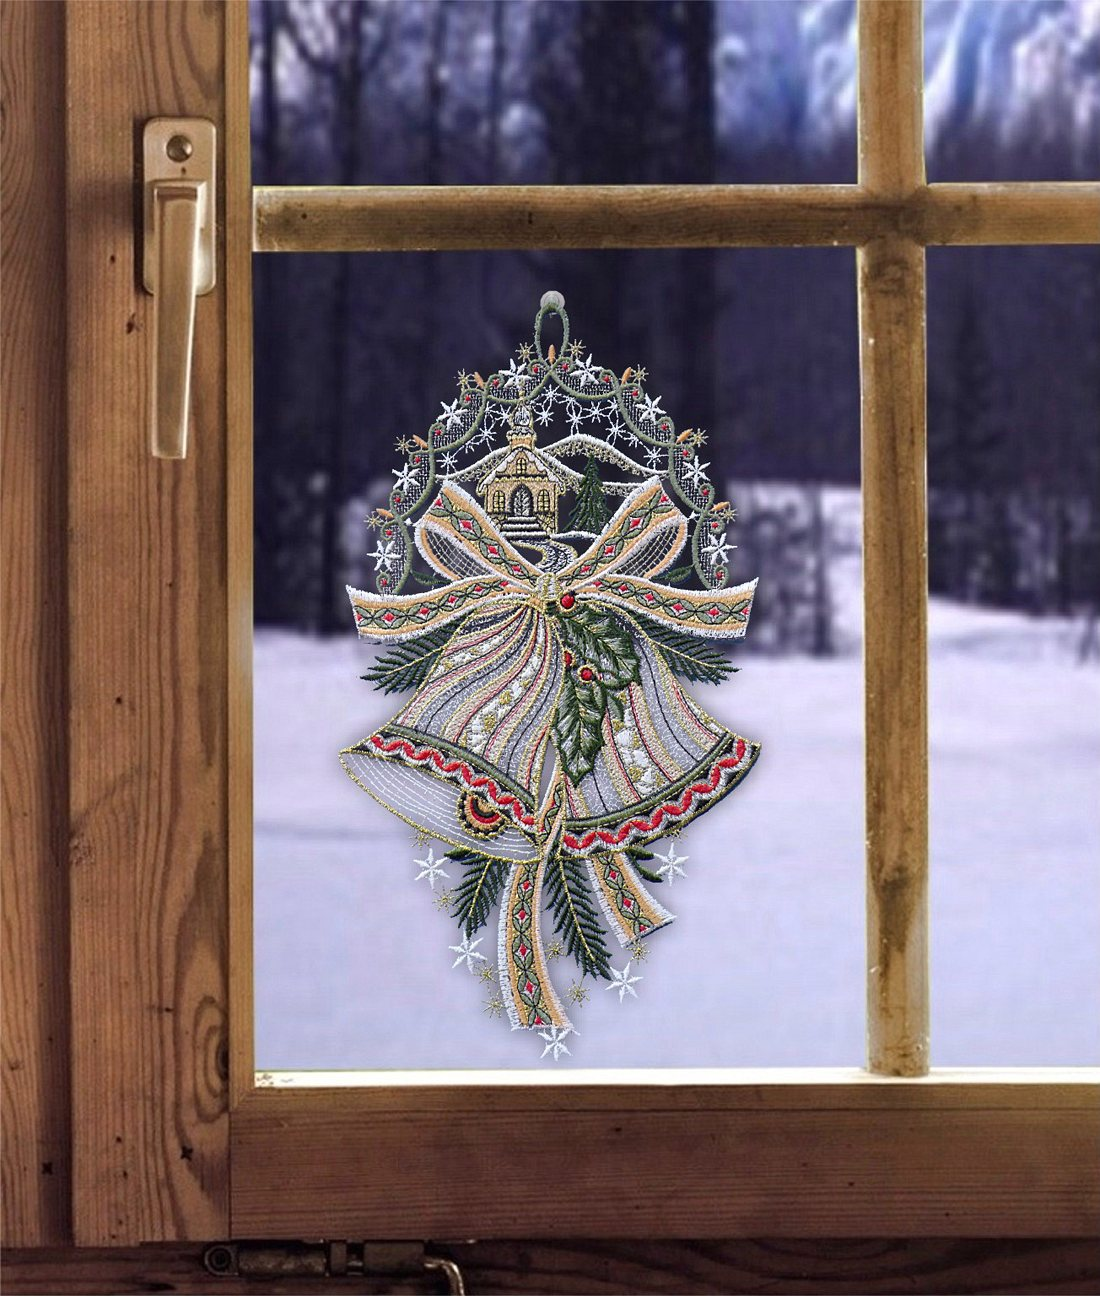 Weihnachtsdeko Gardinen.Fensterbild Weihnachtsglocken 19 X 31 Cm Weihnachtsdeko Fensterdeko